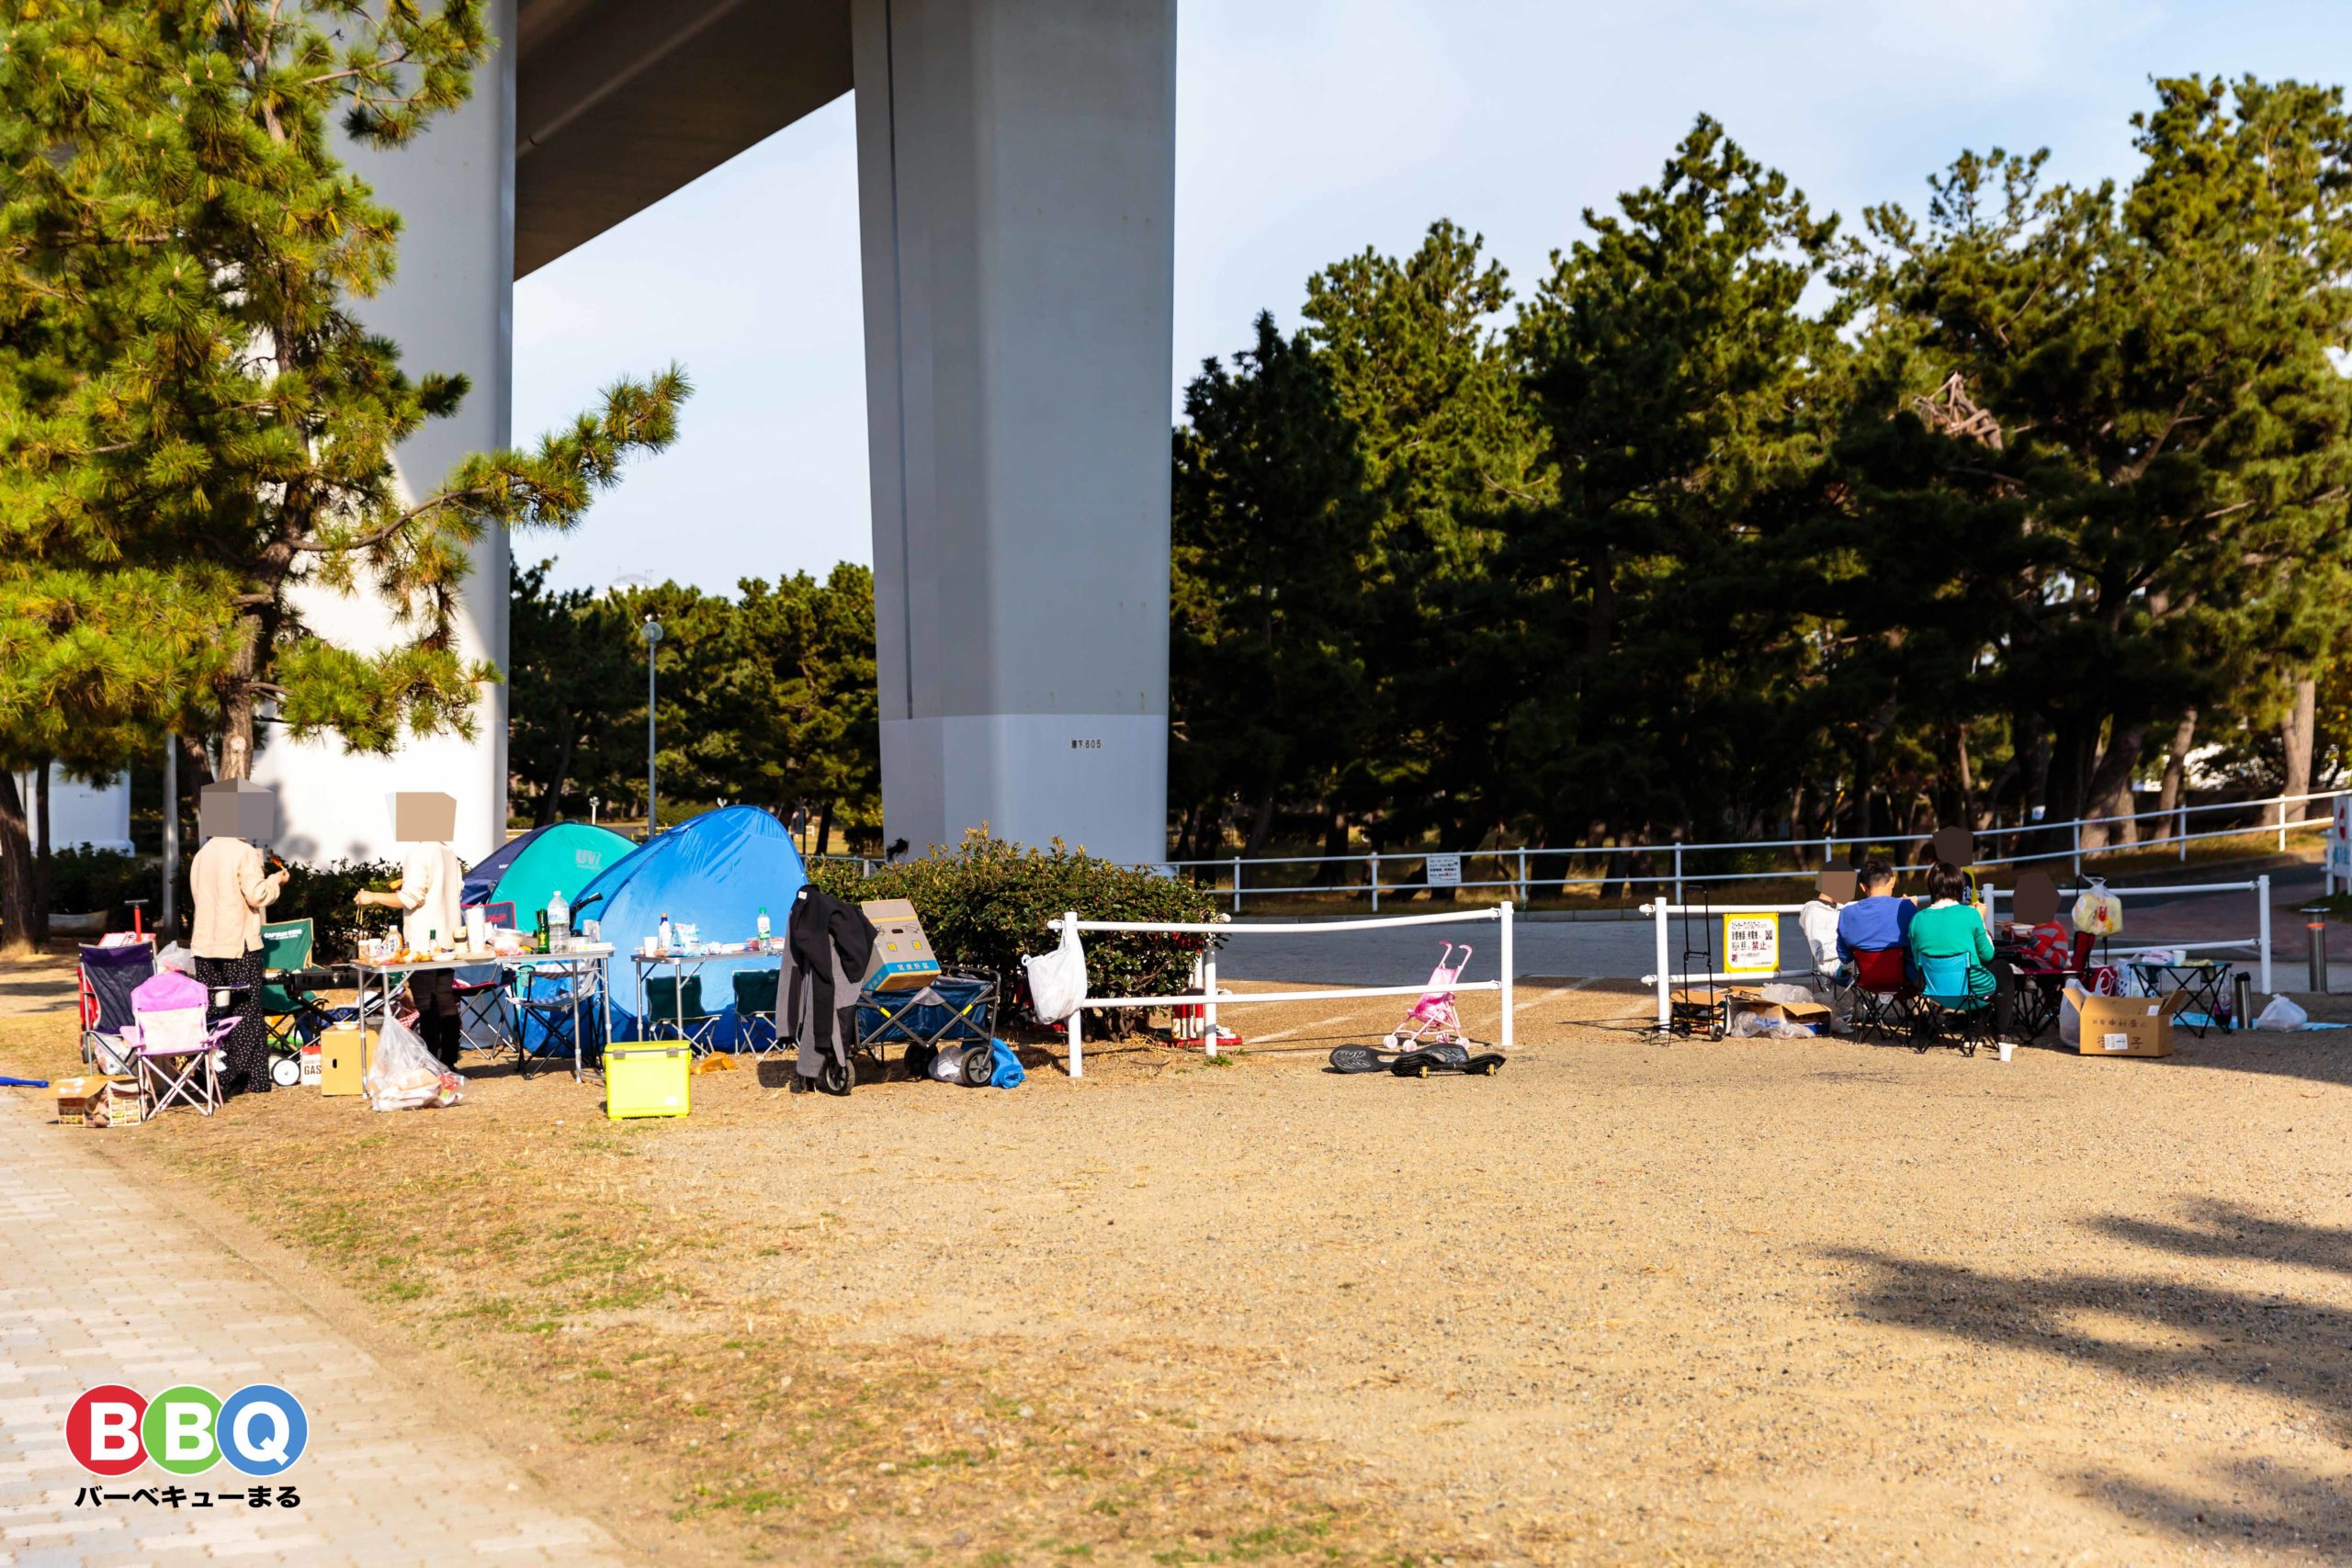 二色の浜中央エリア無料BBQ可能区域でBBQする人たち